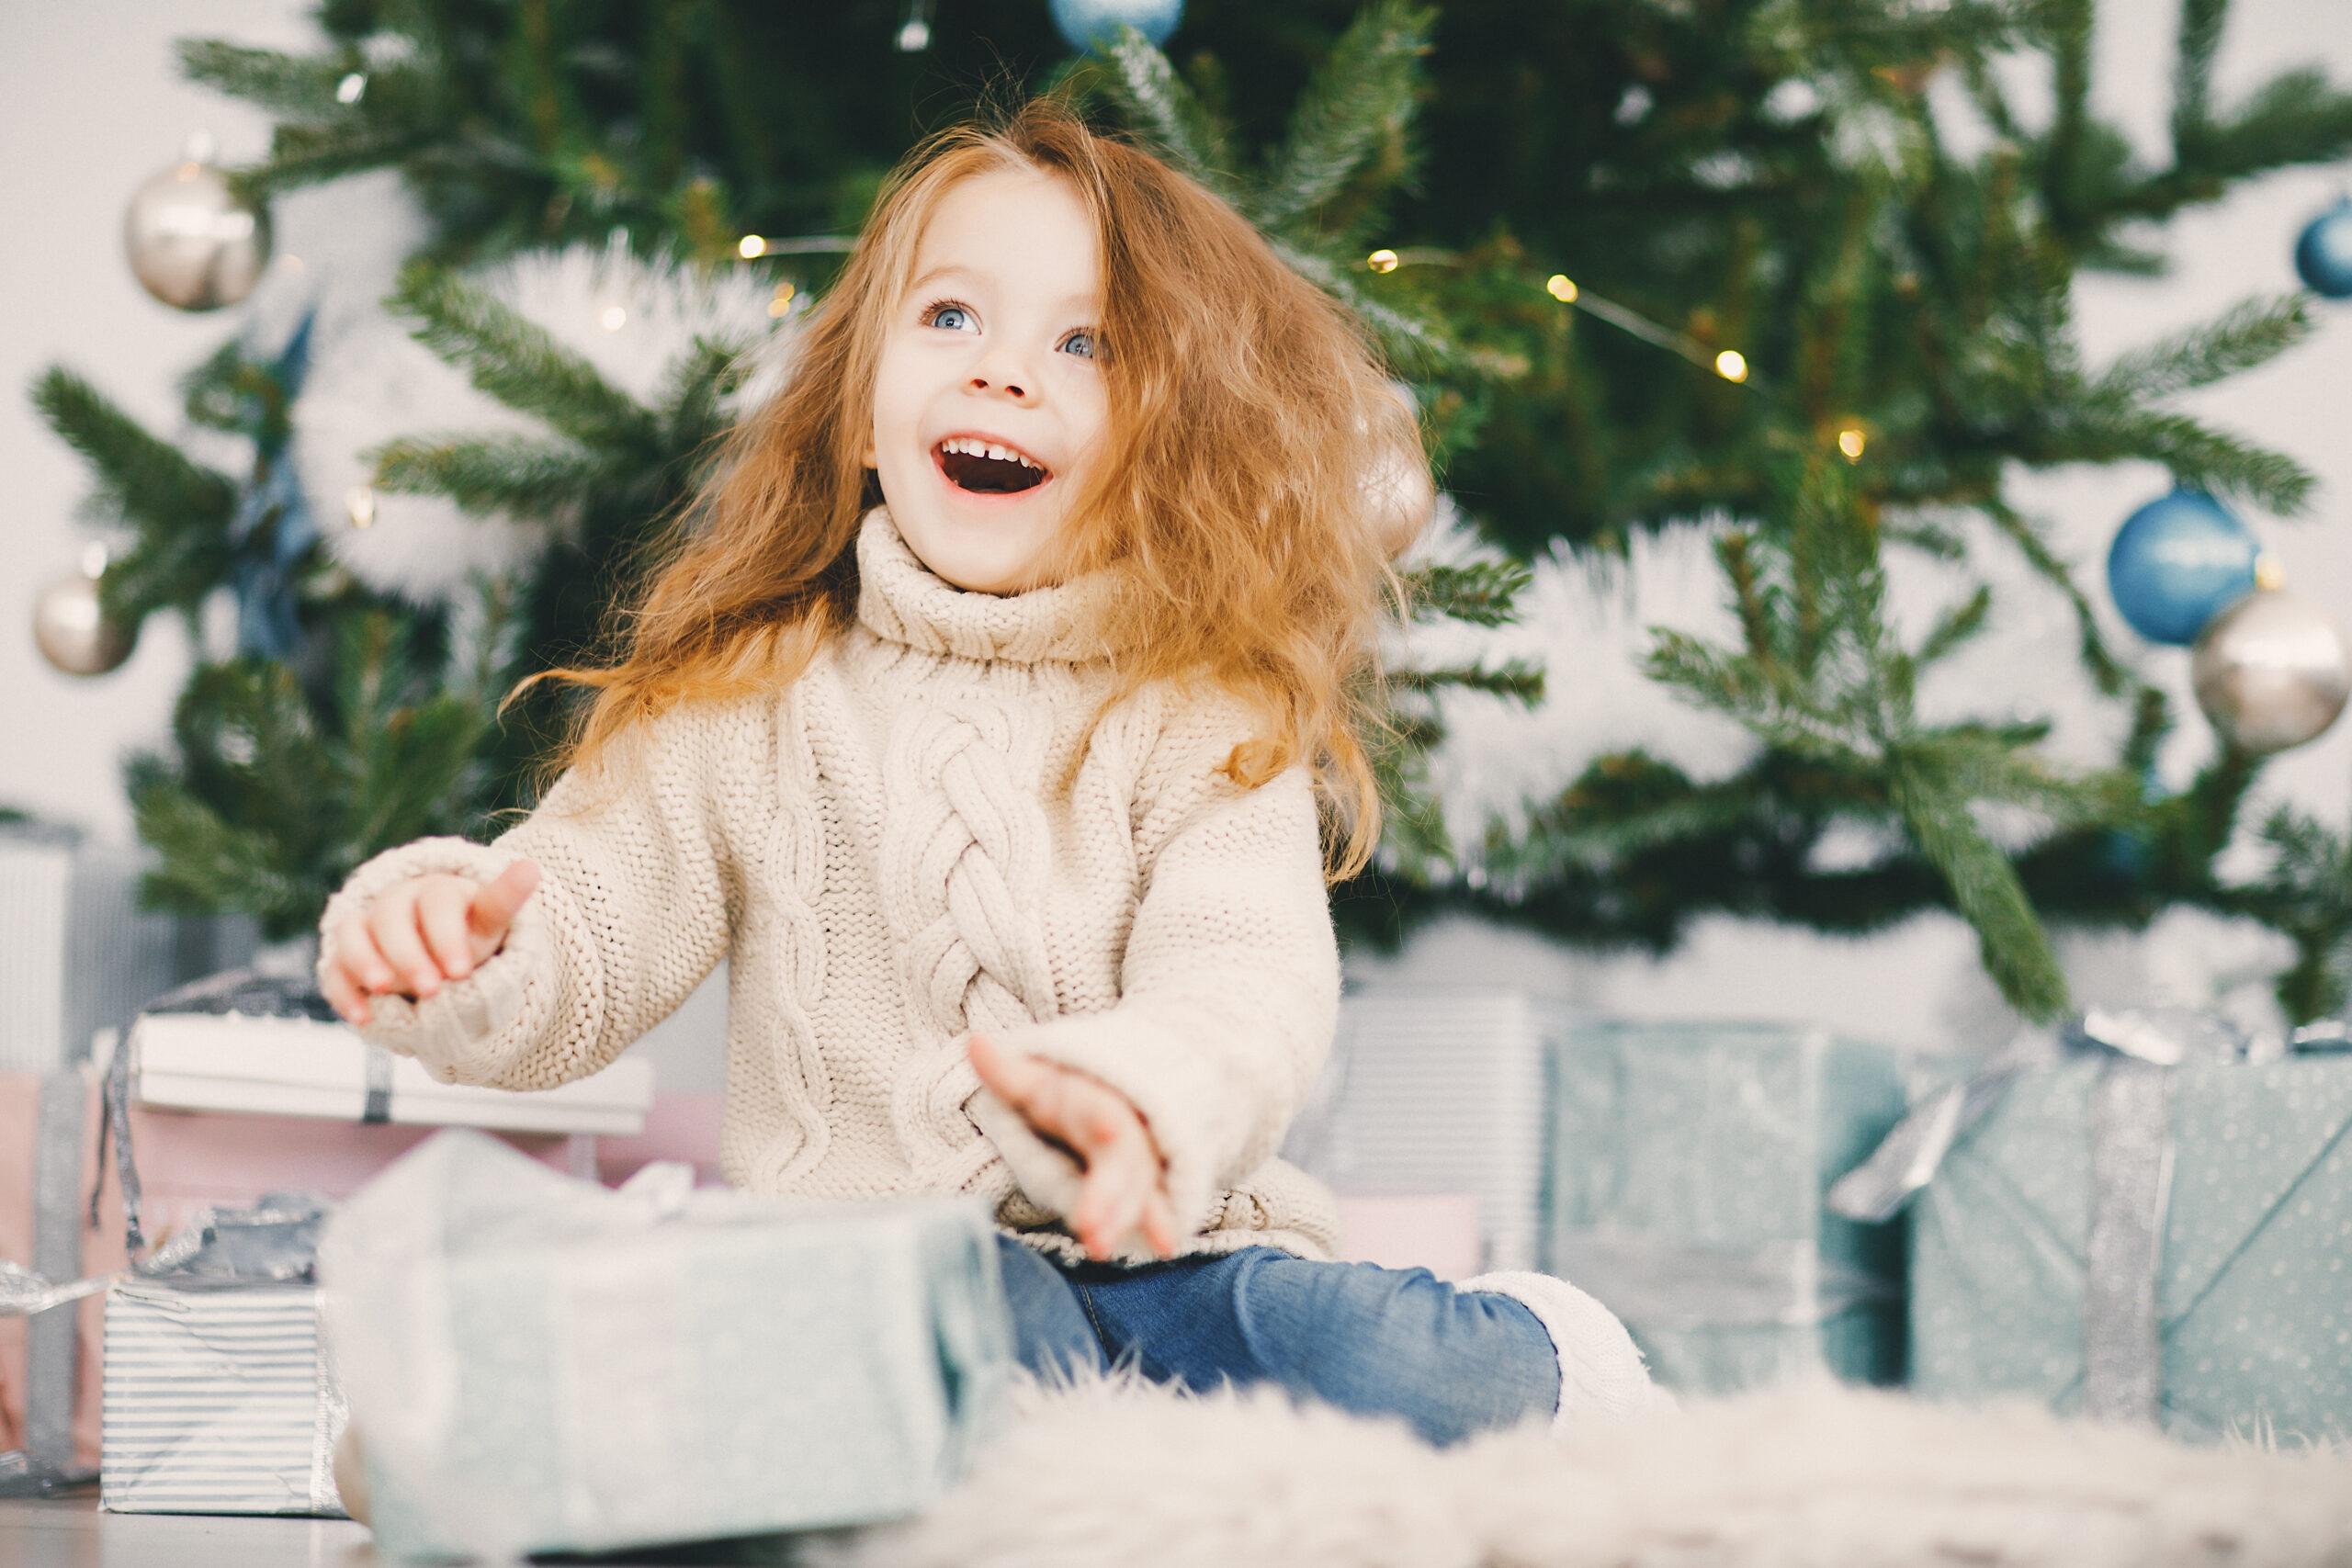 Kilka pomysłów na rozwijające prezenty dla dzieci by uśmiech zagościł na ich buziach